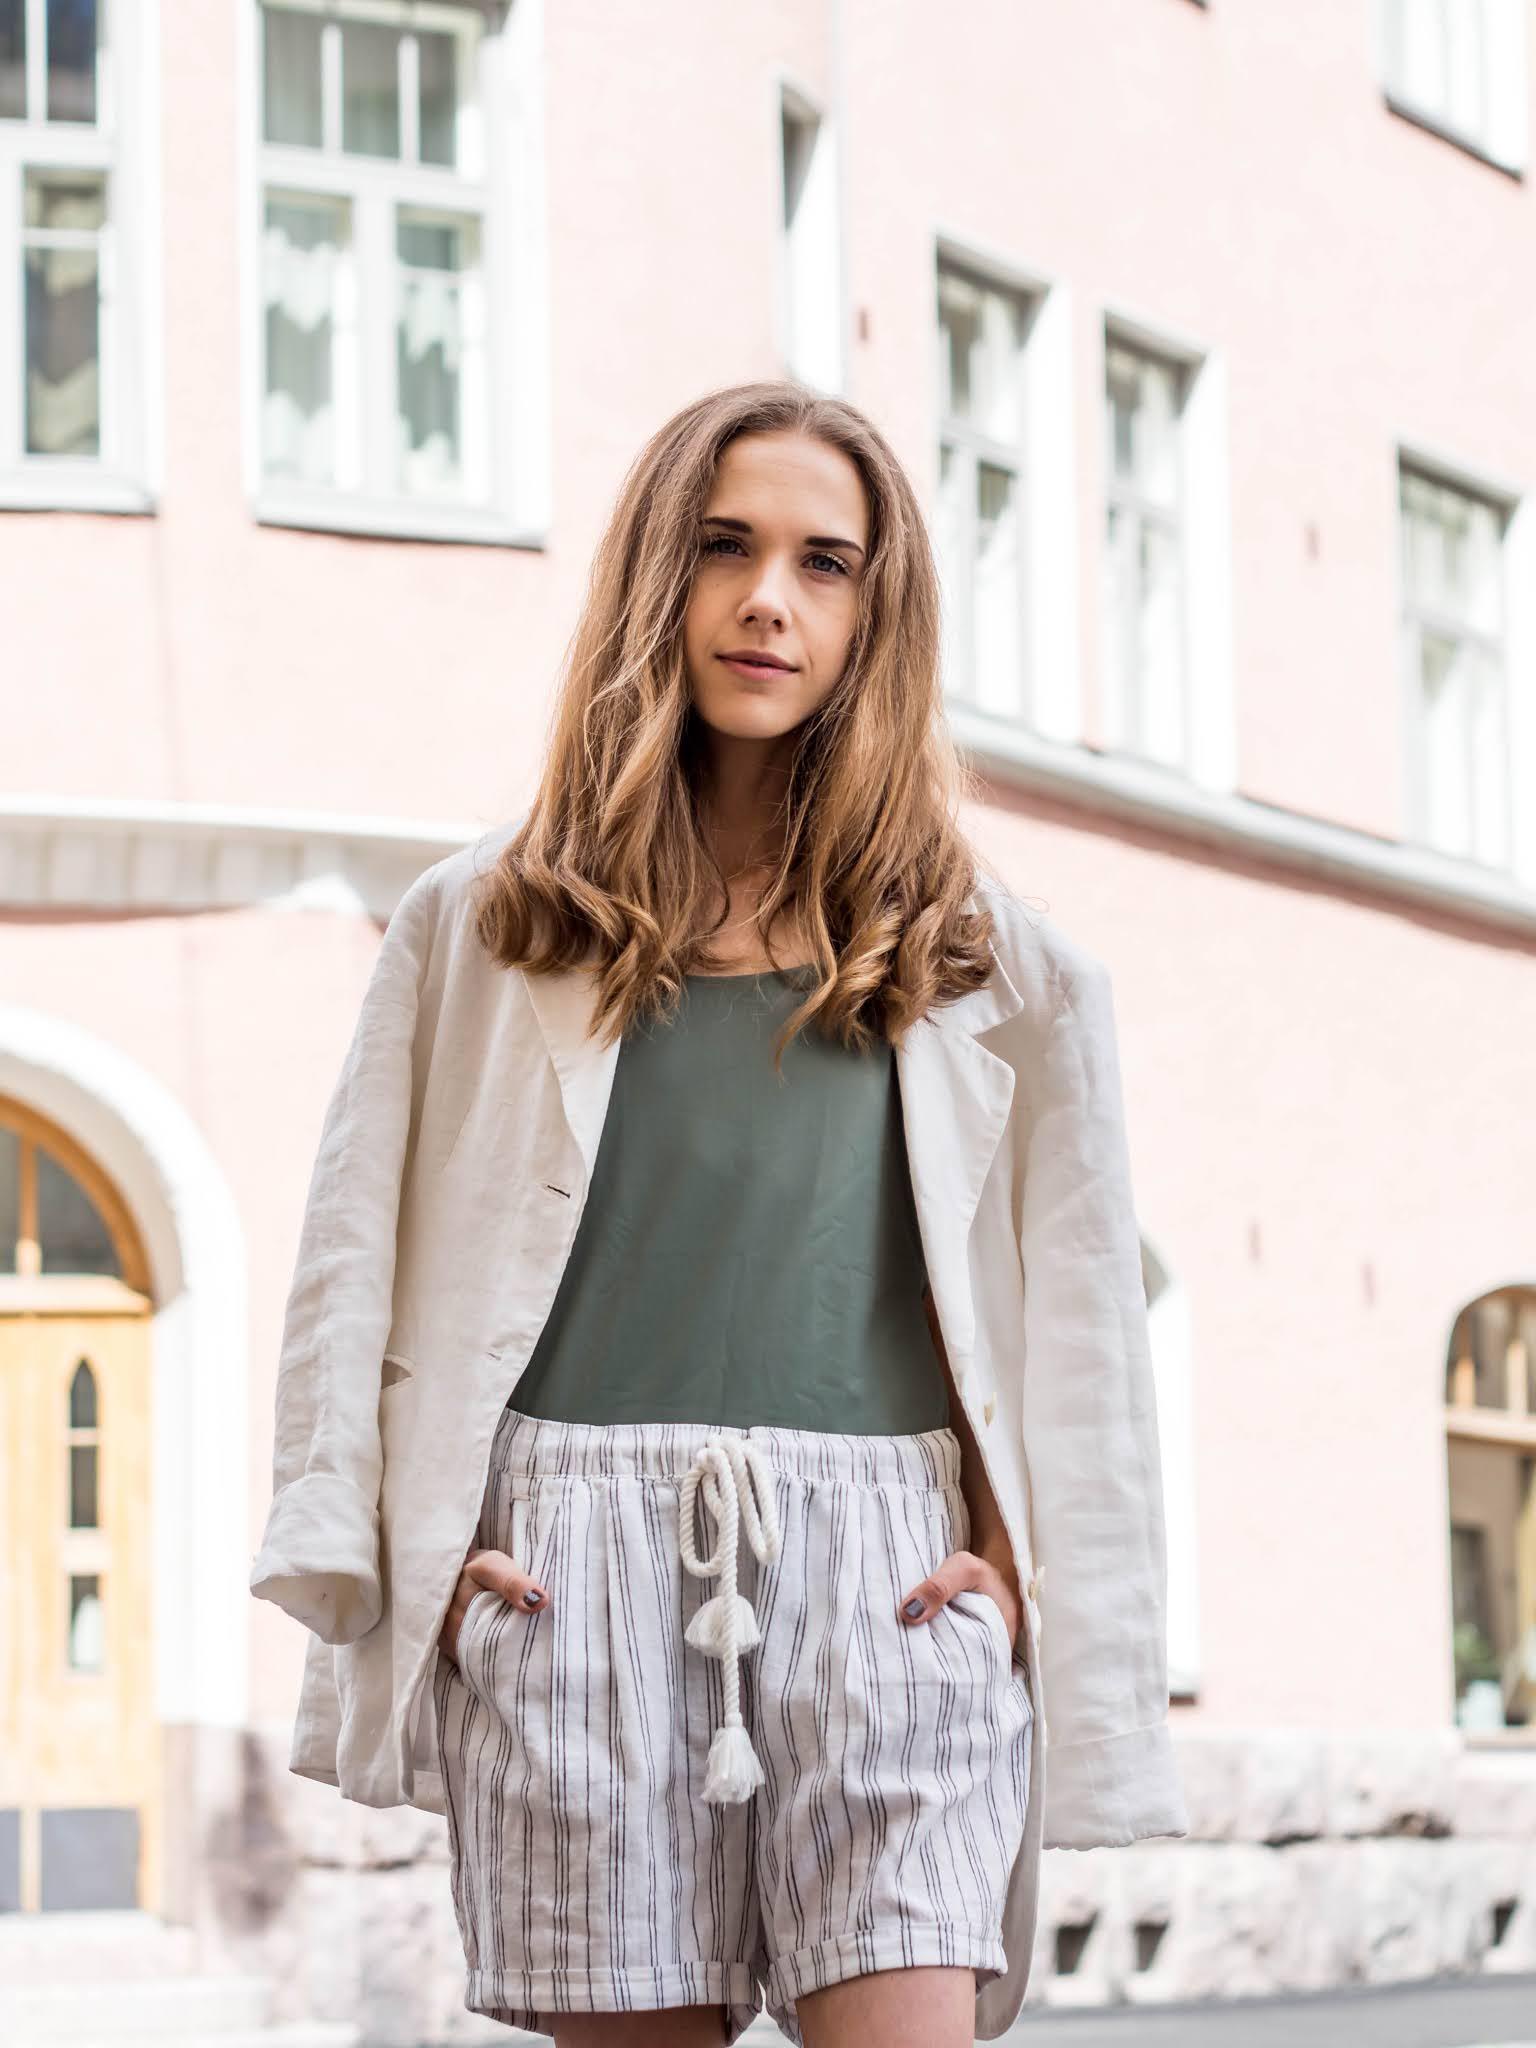 Fashion blogger summer outfit, swimsuit, linen, Scandinavia - Kesämuoti, uimapuku, pellava, bloggaaja